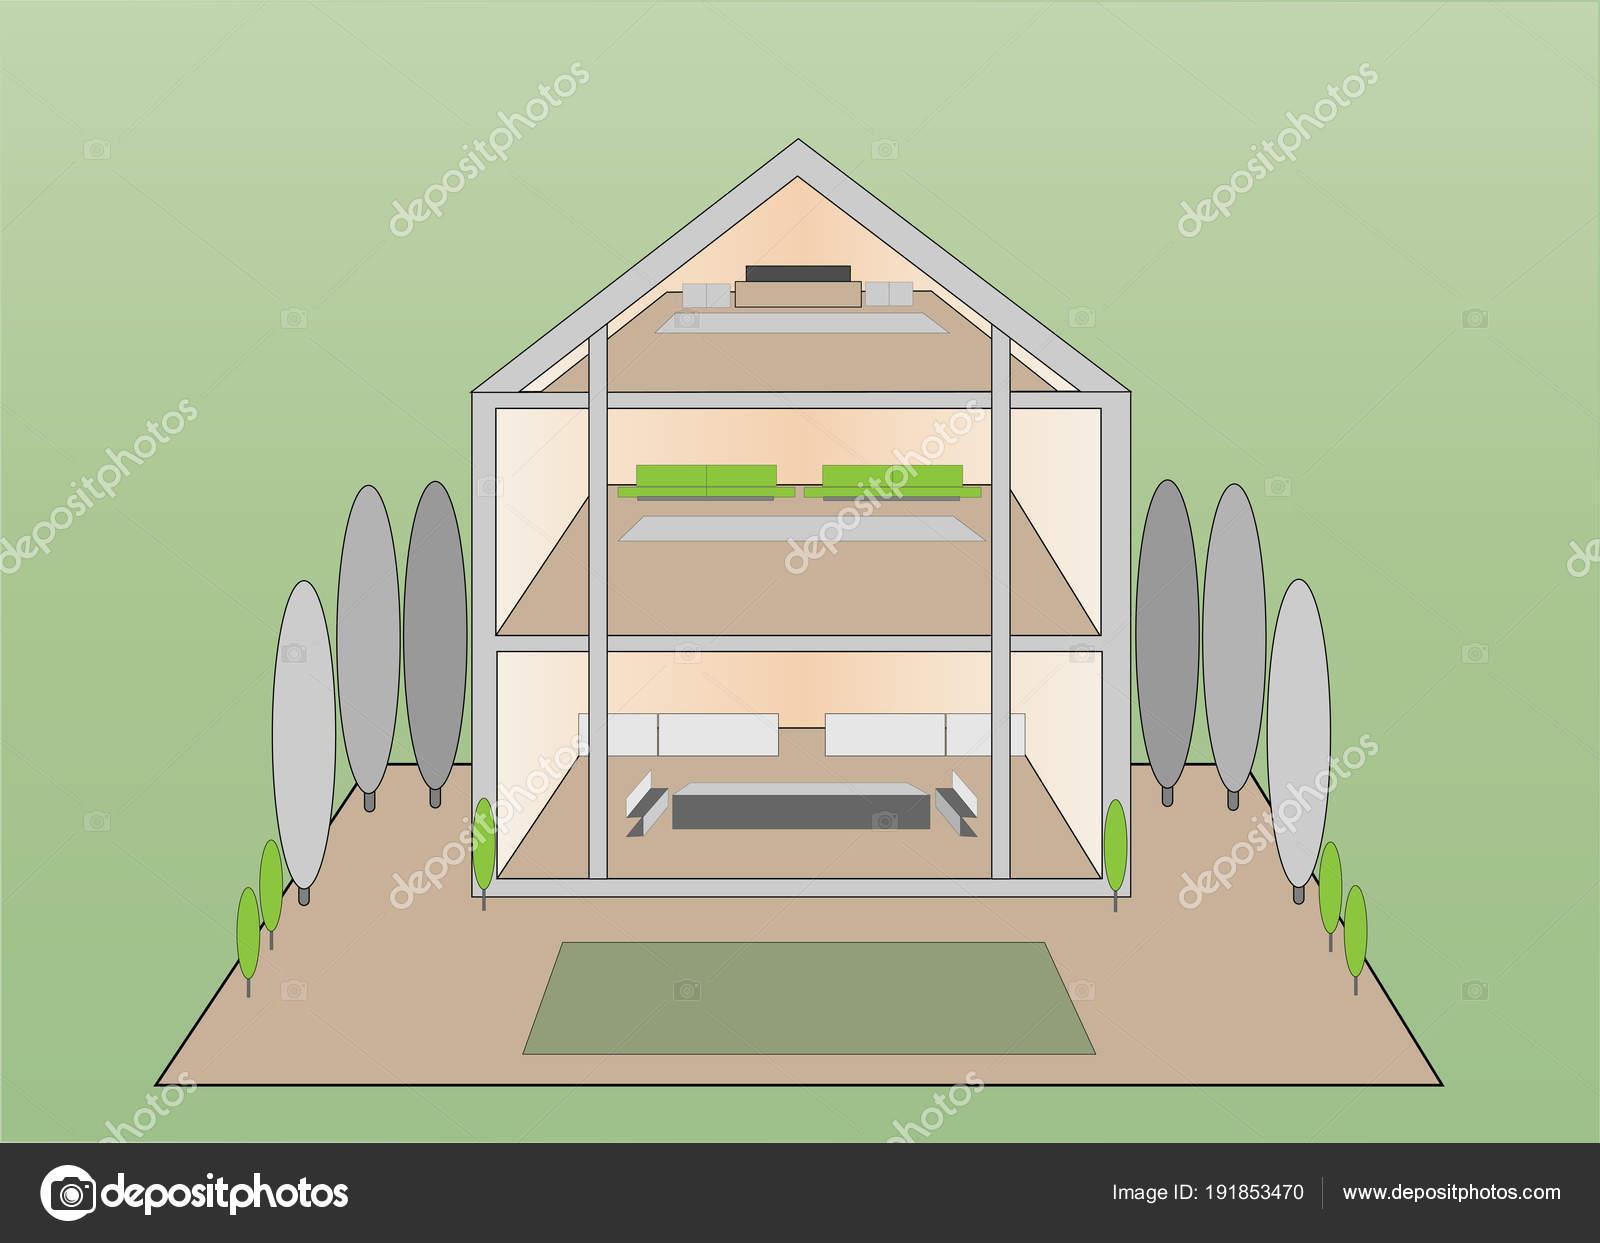 Dise o casa moderna con fachada vidrio completo zona for Fachada de casas modernas con vidrio